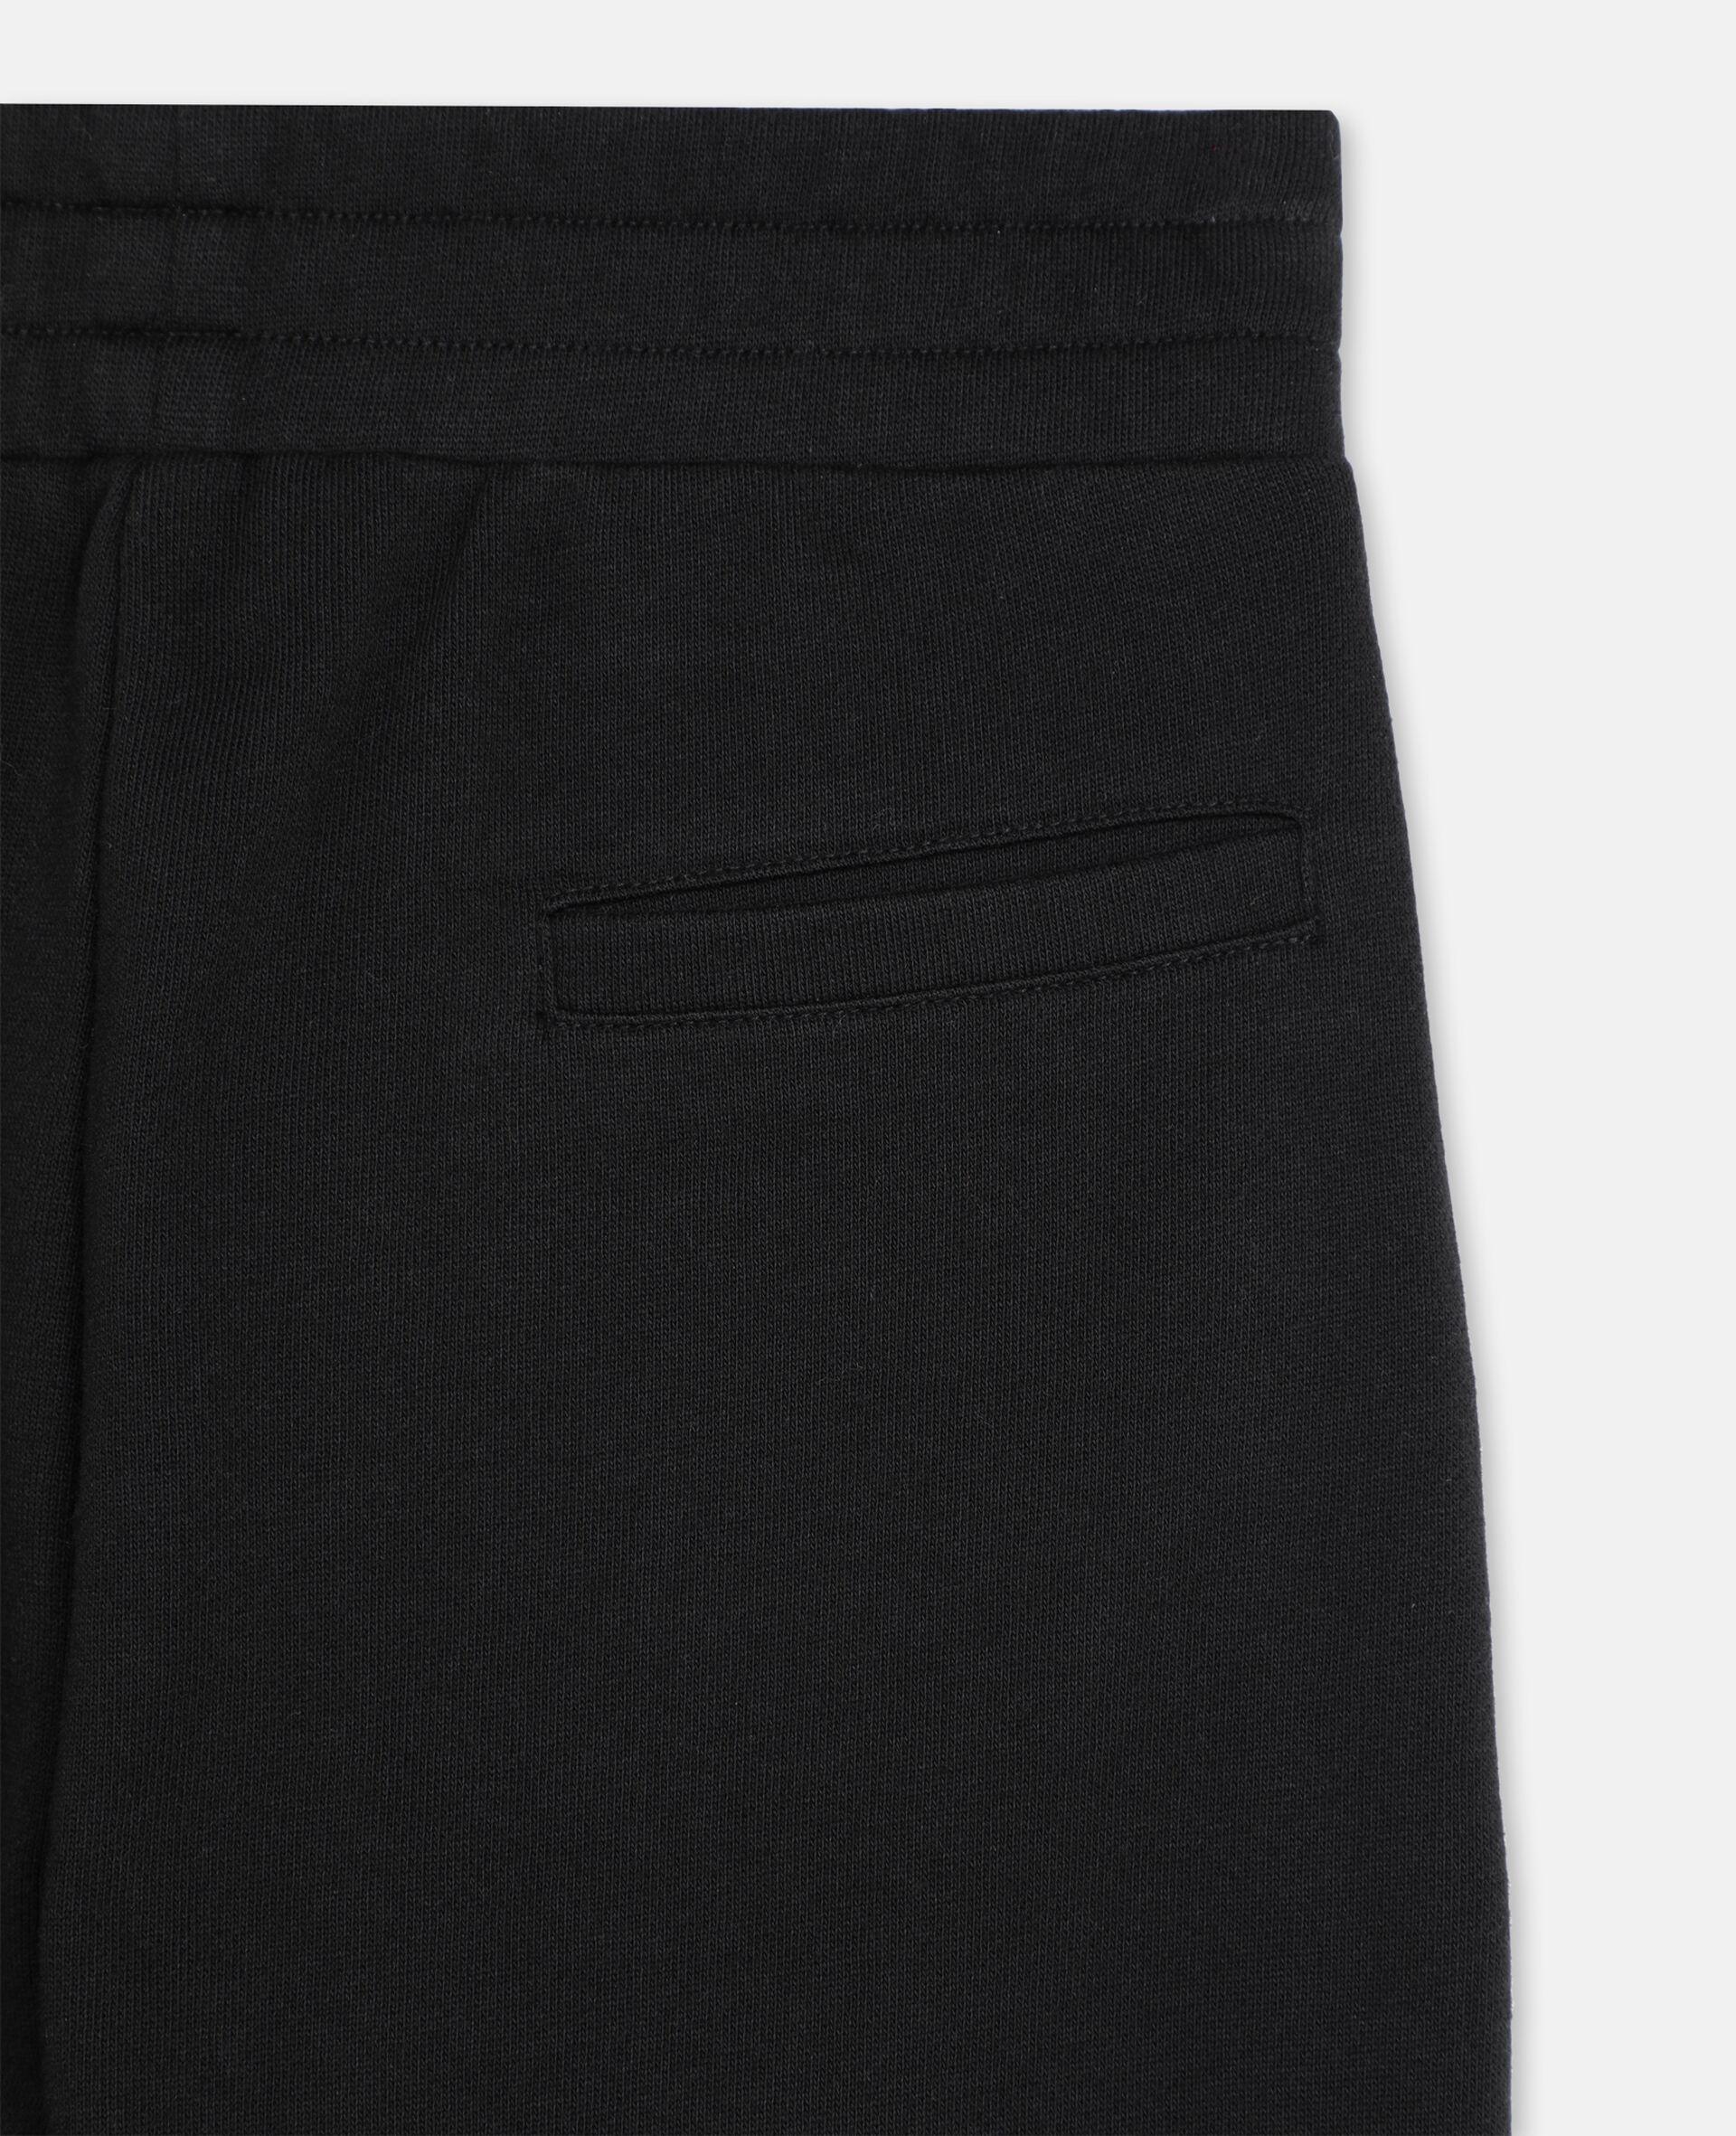 Basic Cotton Joggers -Black-large image number 2